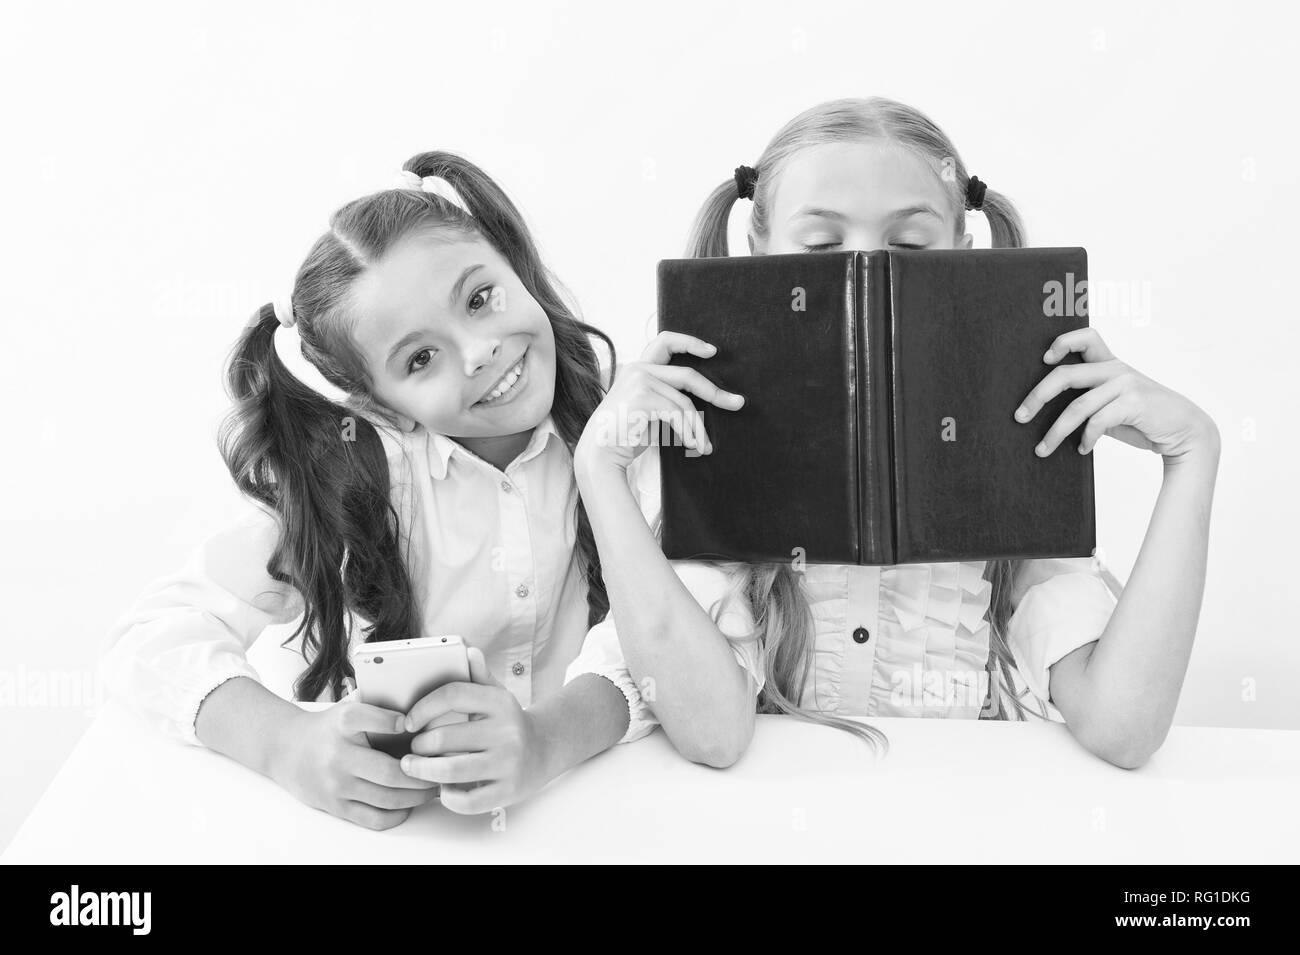 Vieille école contre moderne. Lycéenne tenir téléphone mobile smartphone moderne tandis que son ami profiter de vieux livre comme stockage de données analogiques. La technologie contre l'expérience. Offres d'éducation nouvelle génération. Banque D'Images